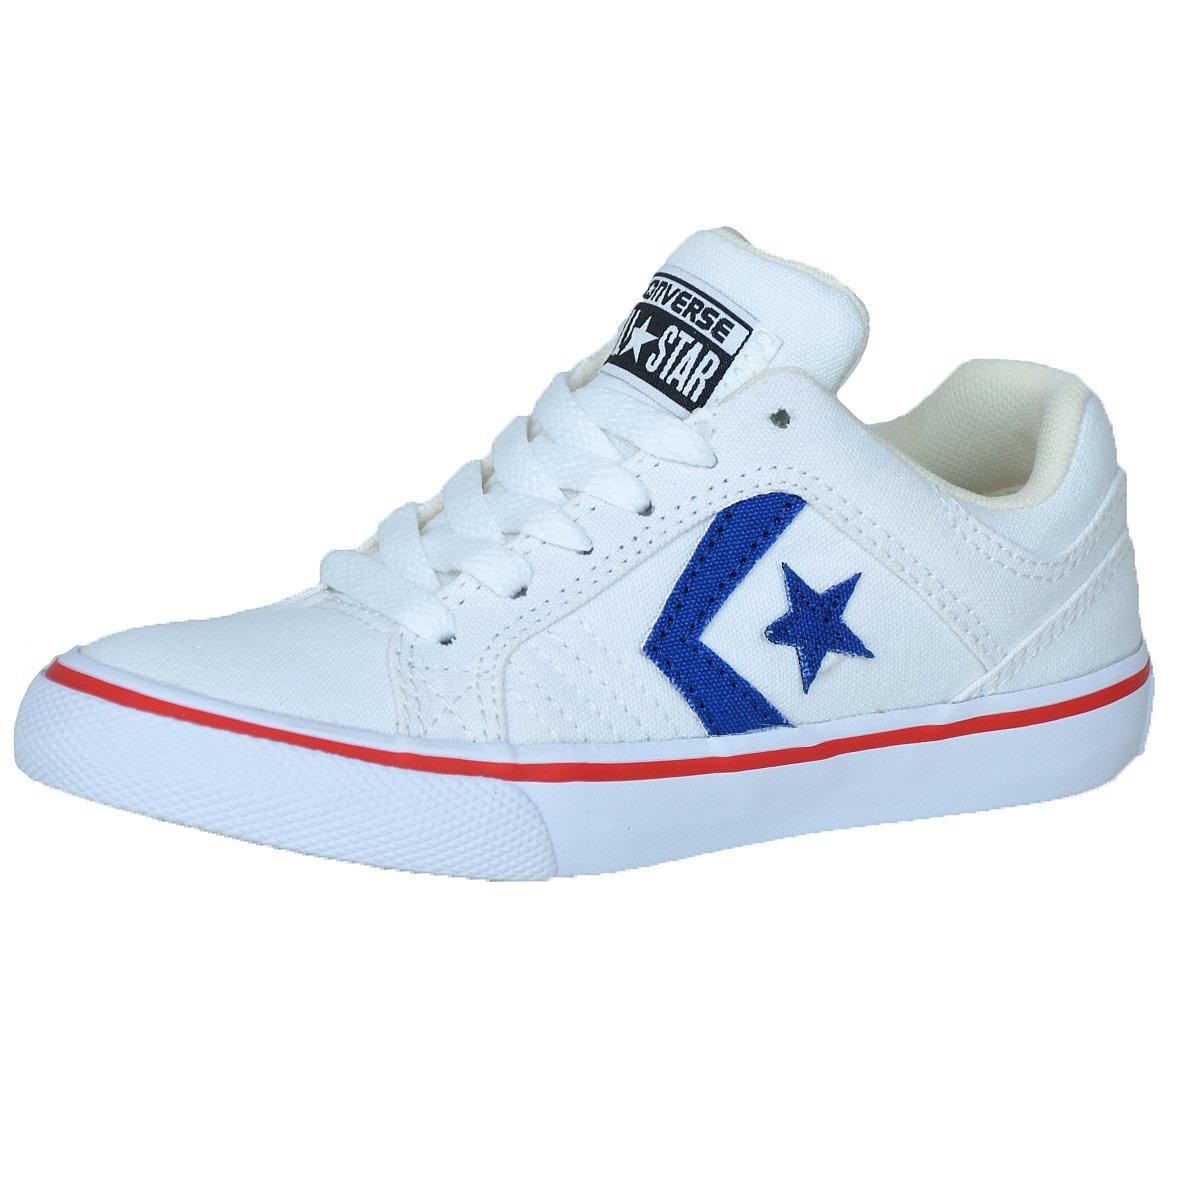 Converse Kinder Freizeitschuh Gatex OX Sneaker, Schuhgröße:33, Farbe:White